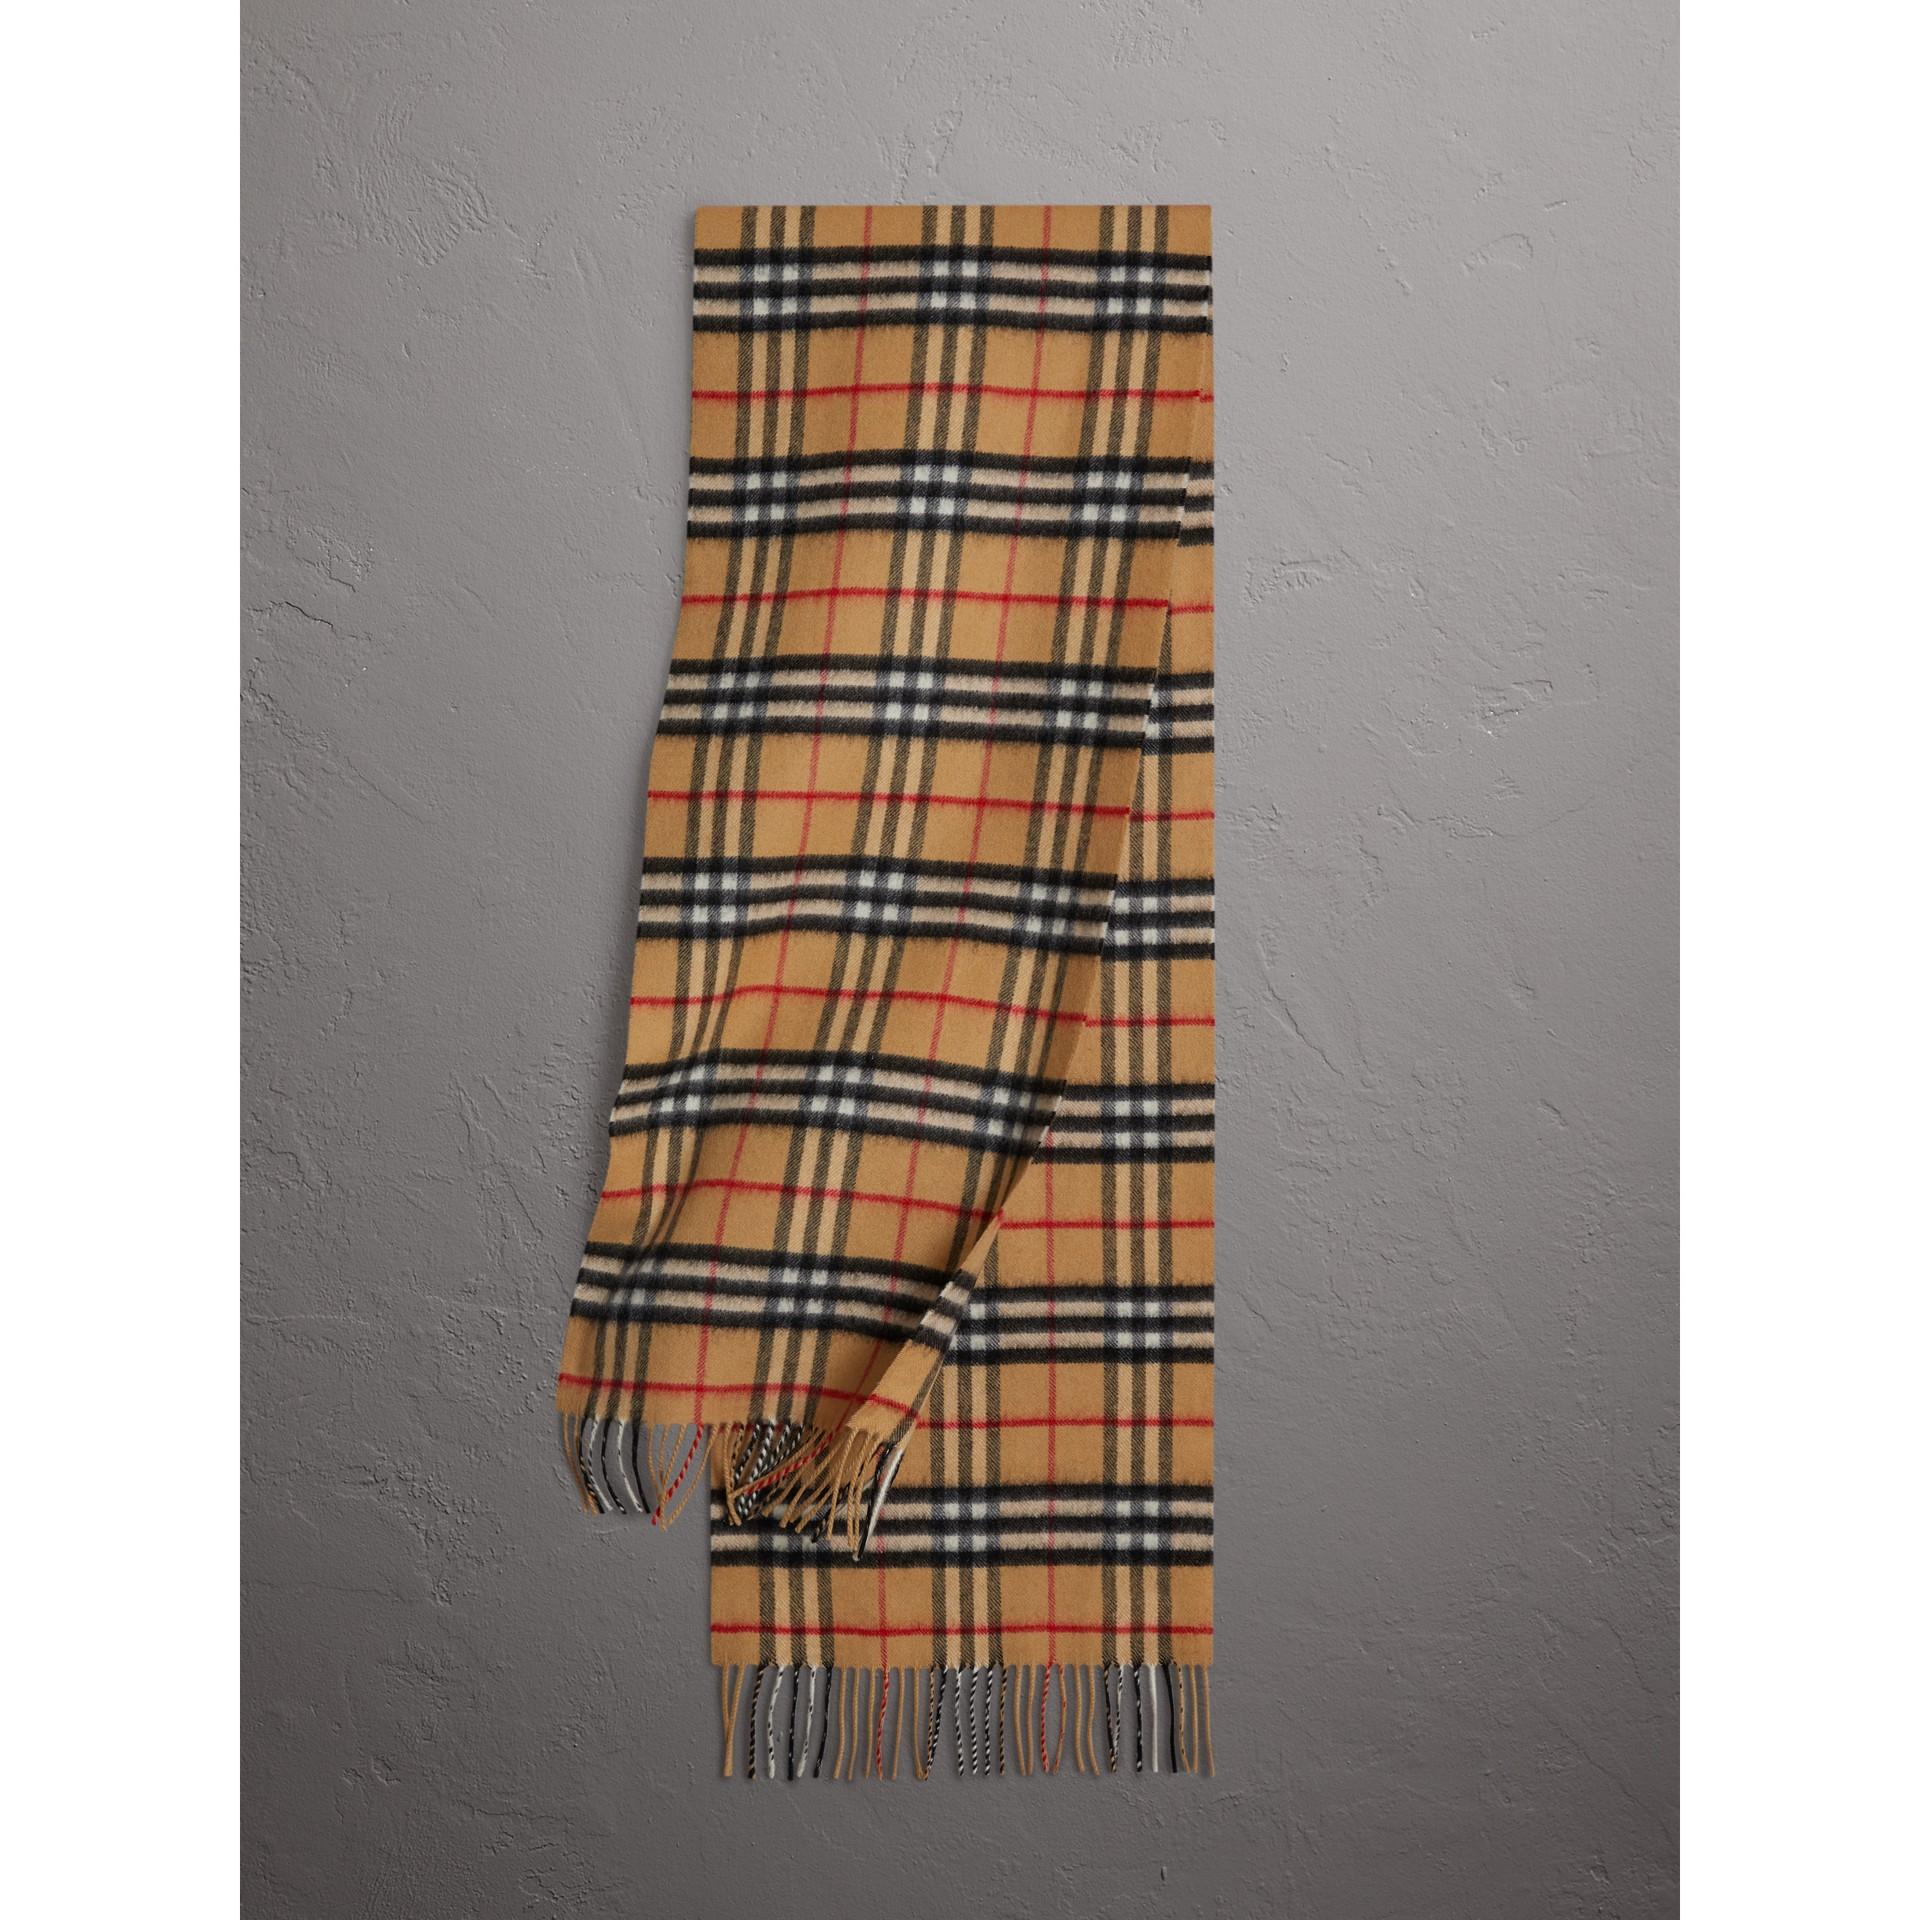 Классический шарф из кашемира в клетку Vintage Check (Античный Желтый) | Burberry - изображение 1